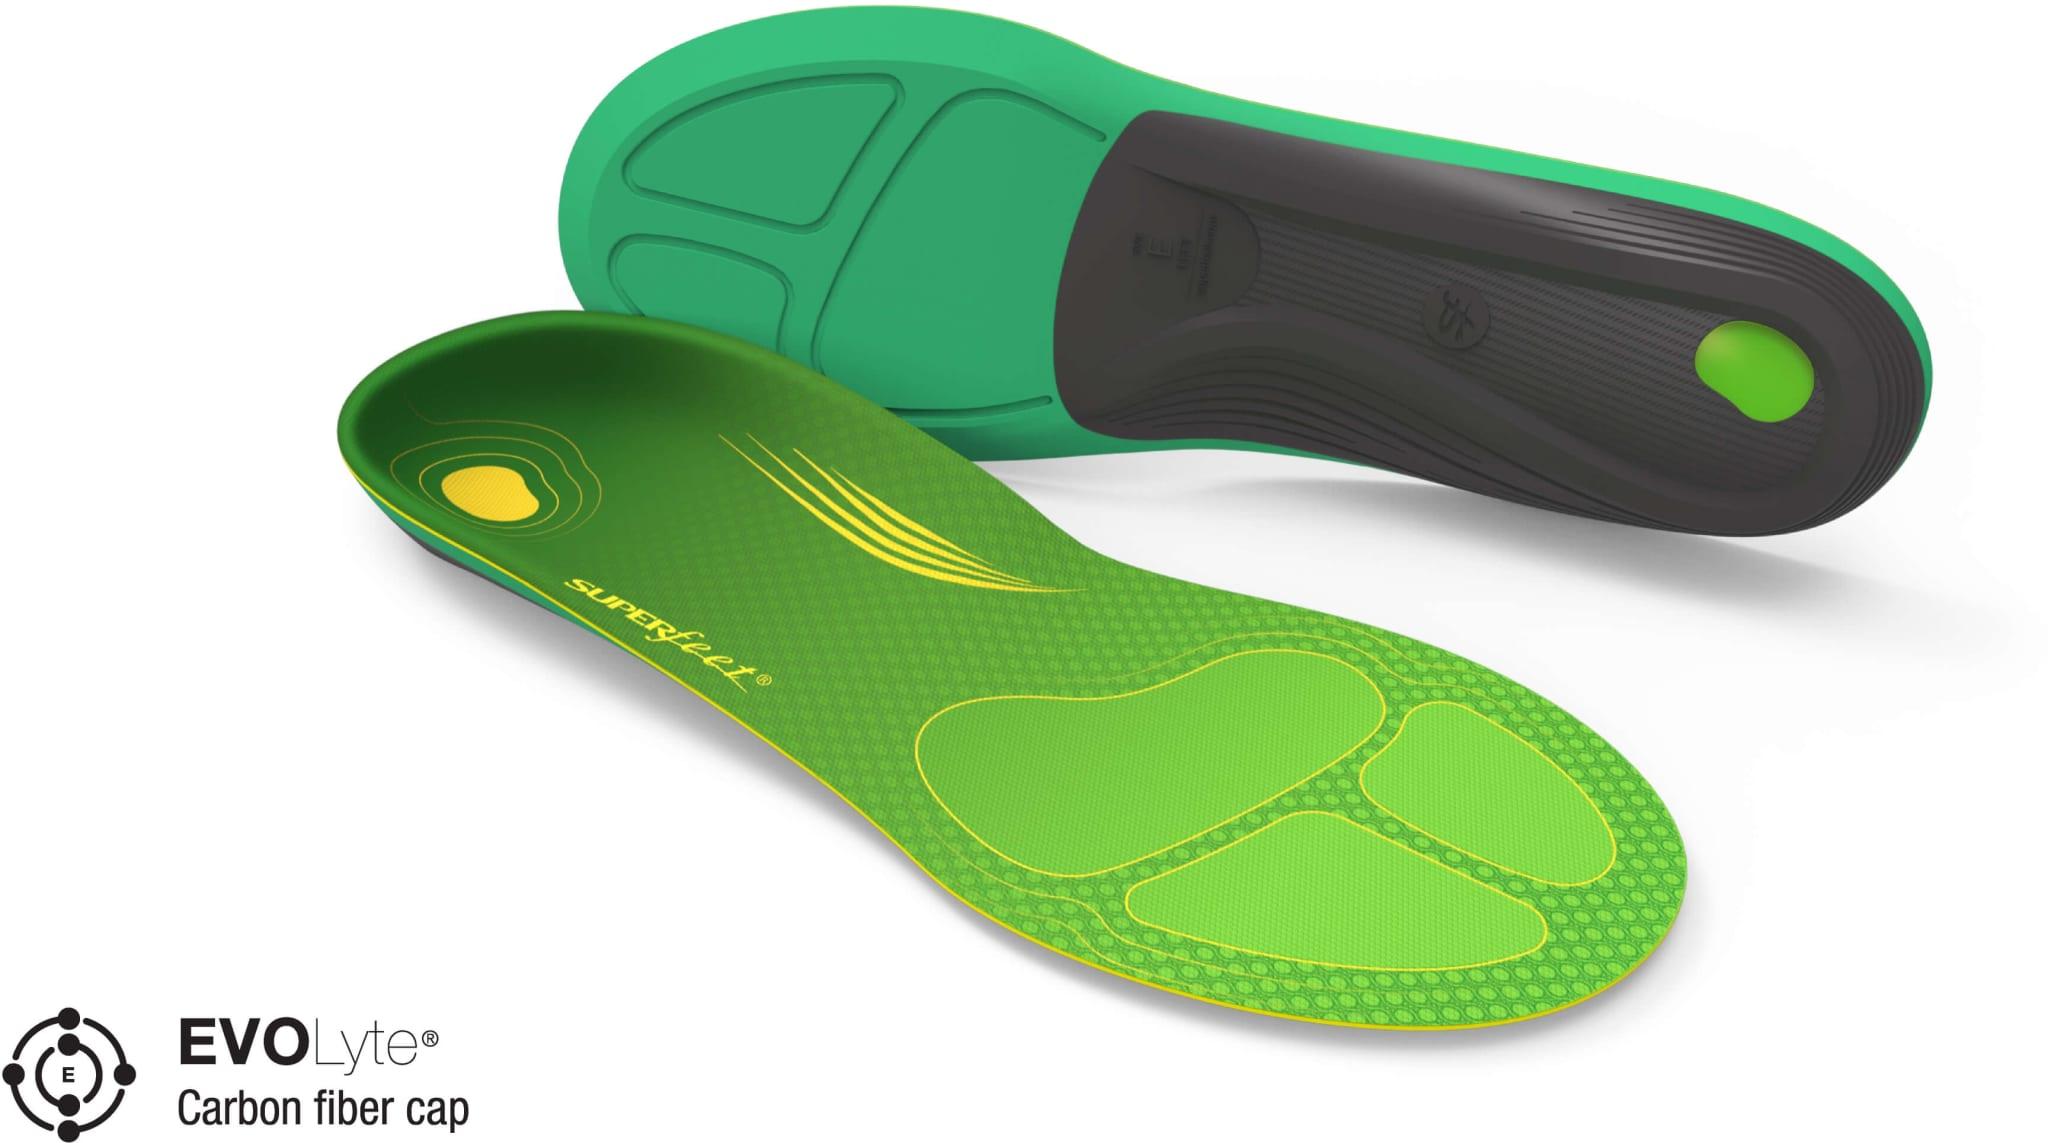 Komfortable såler som lett tilpasses dine løpesko